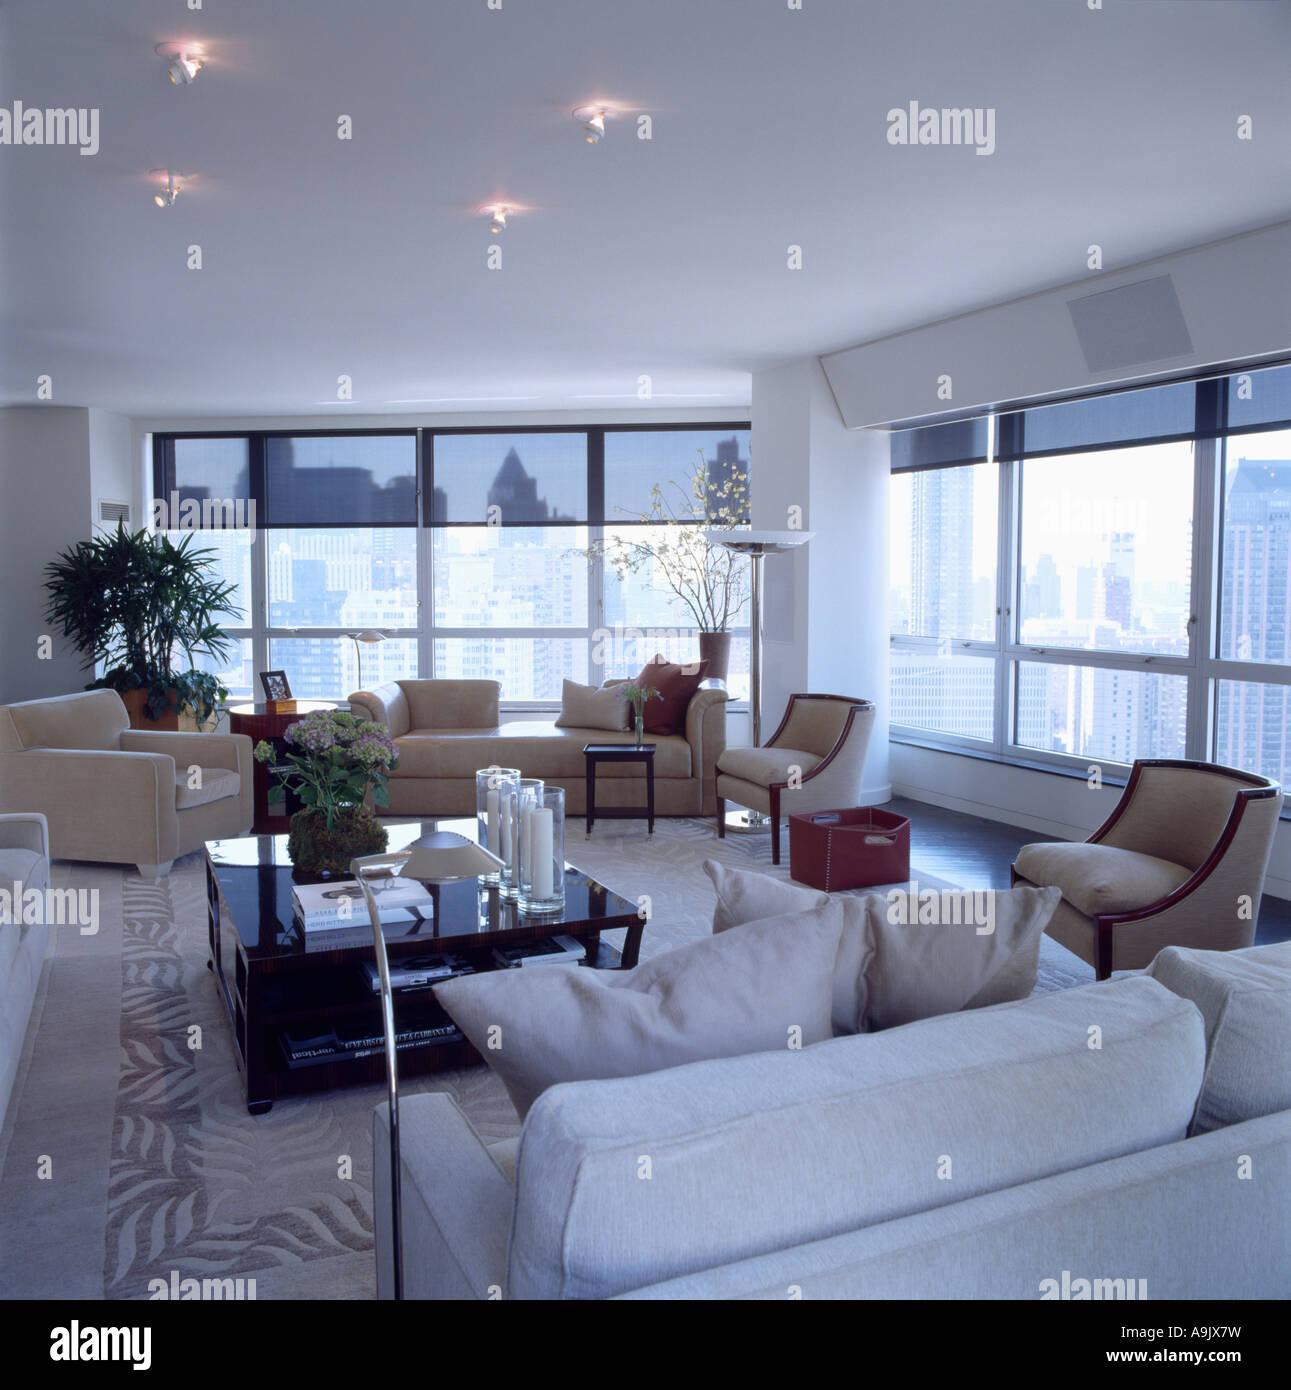 Fantastisch Modernes Wohnzimmer Rote Couch Bilder - Heimat Ideen ...